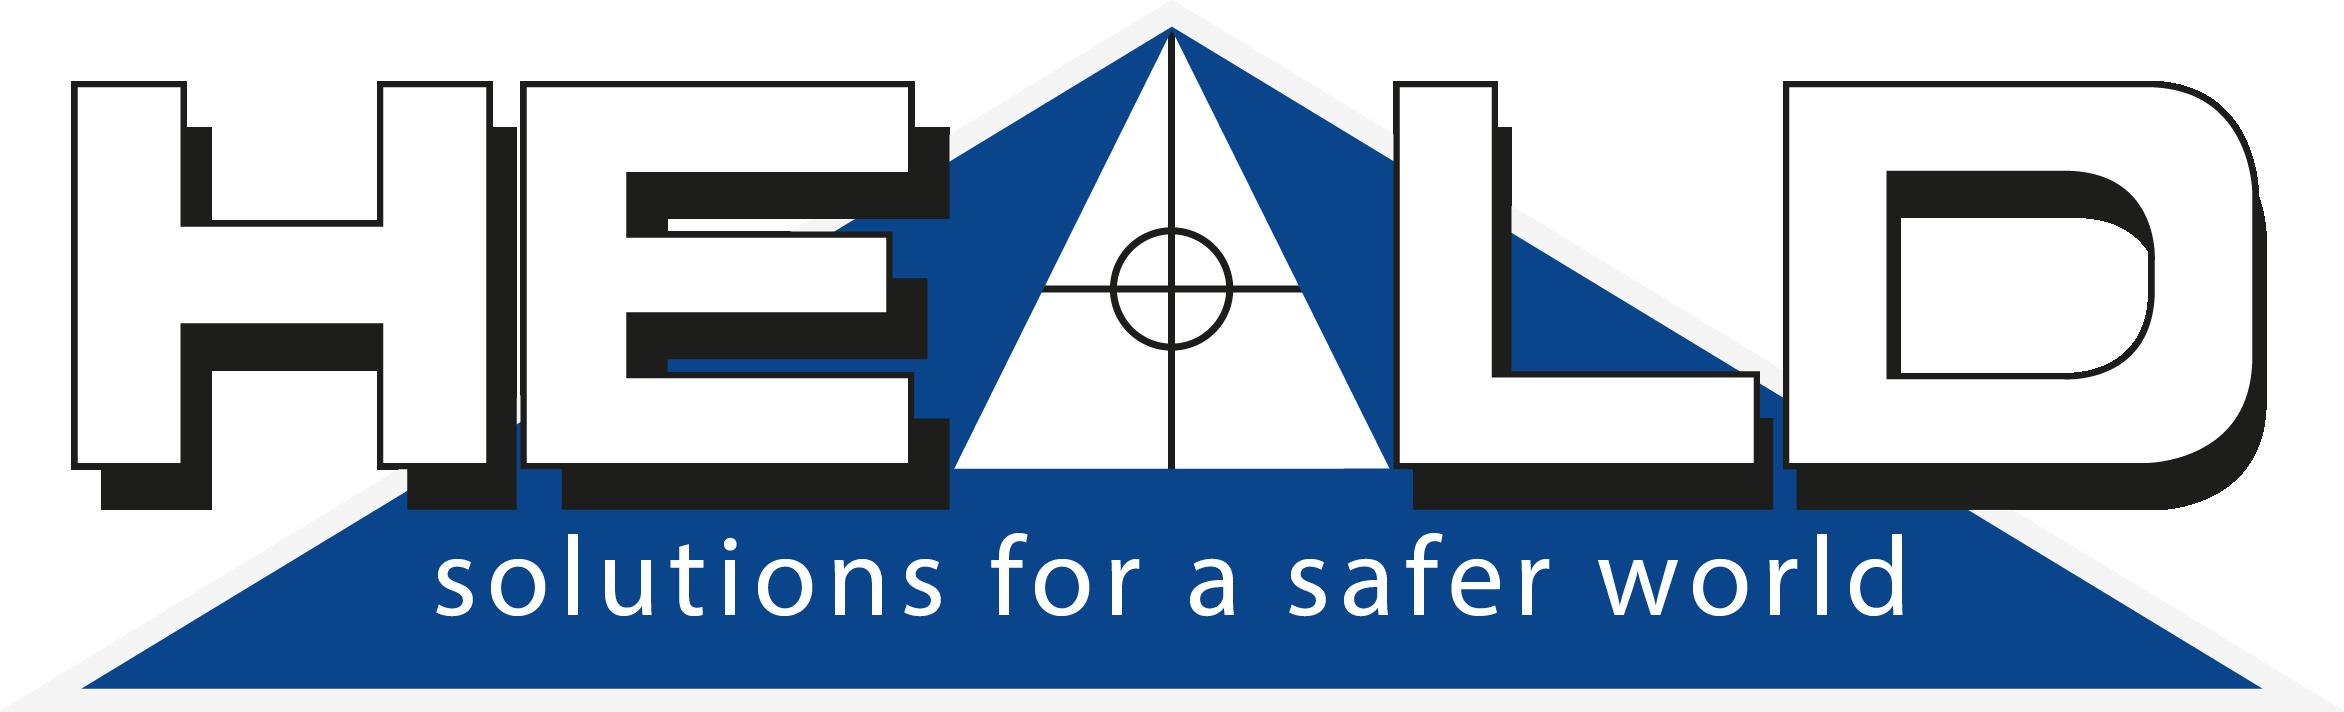 Heald Ltd - Designer & Manufacturer of Hostile Vehicle Mitigation Systems